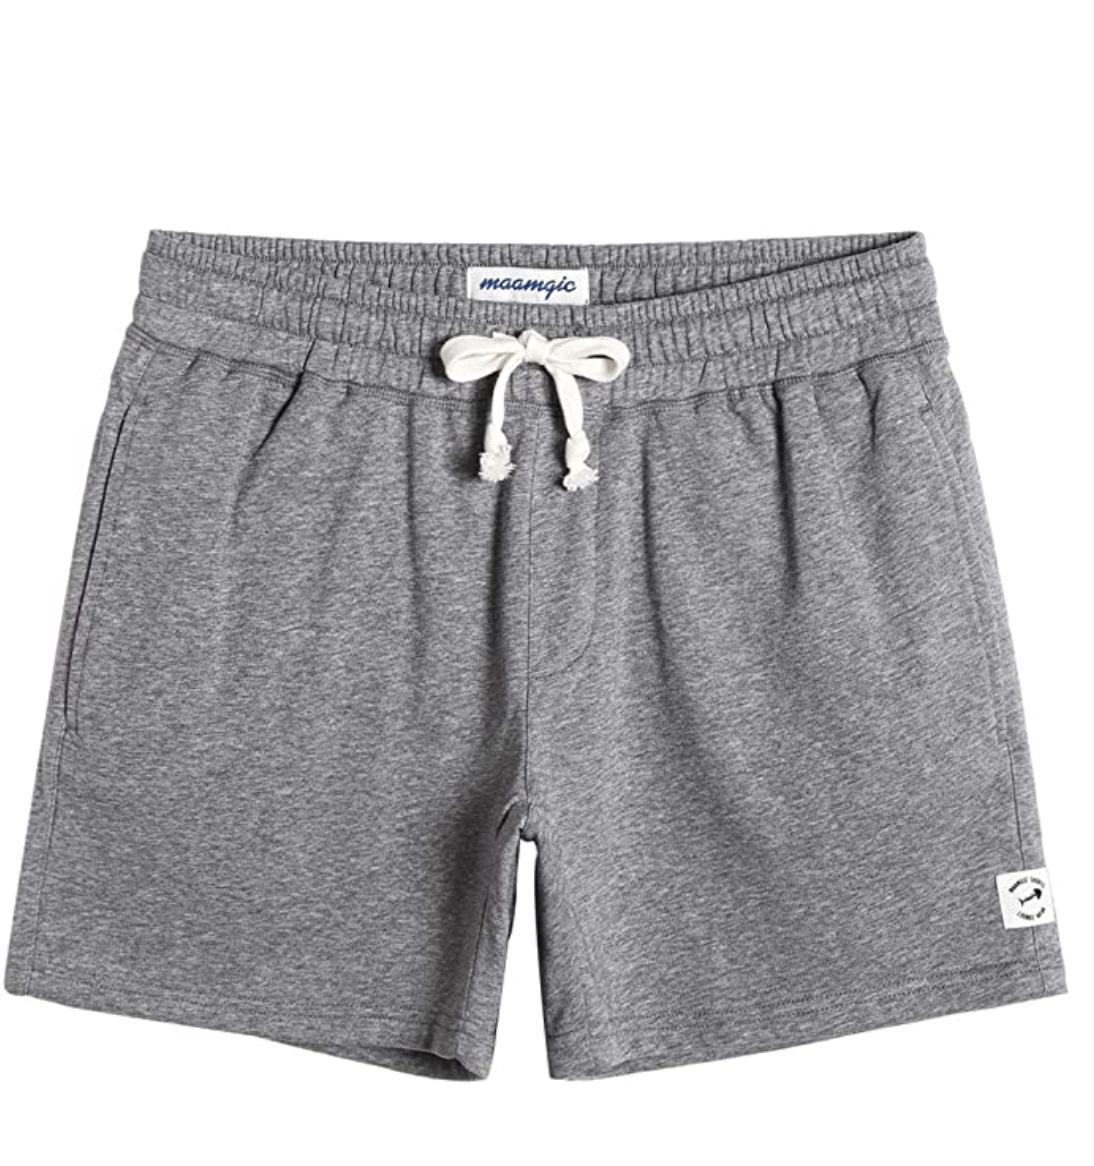 MaaMgic Mens Athletic Gym Shorts